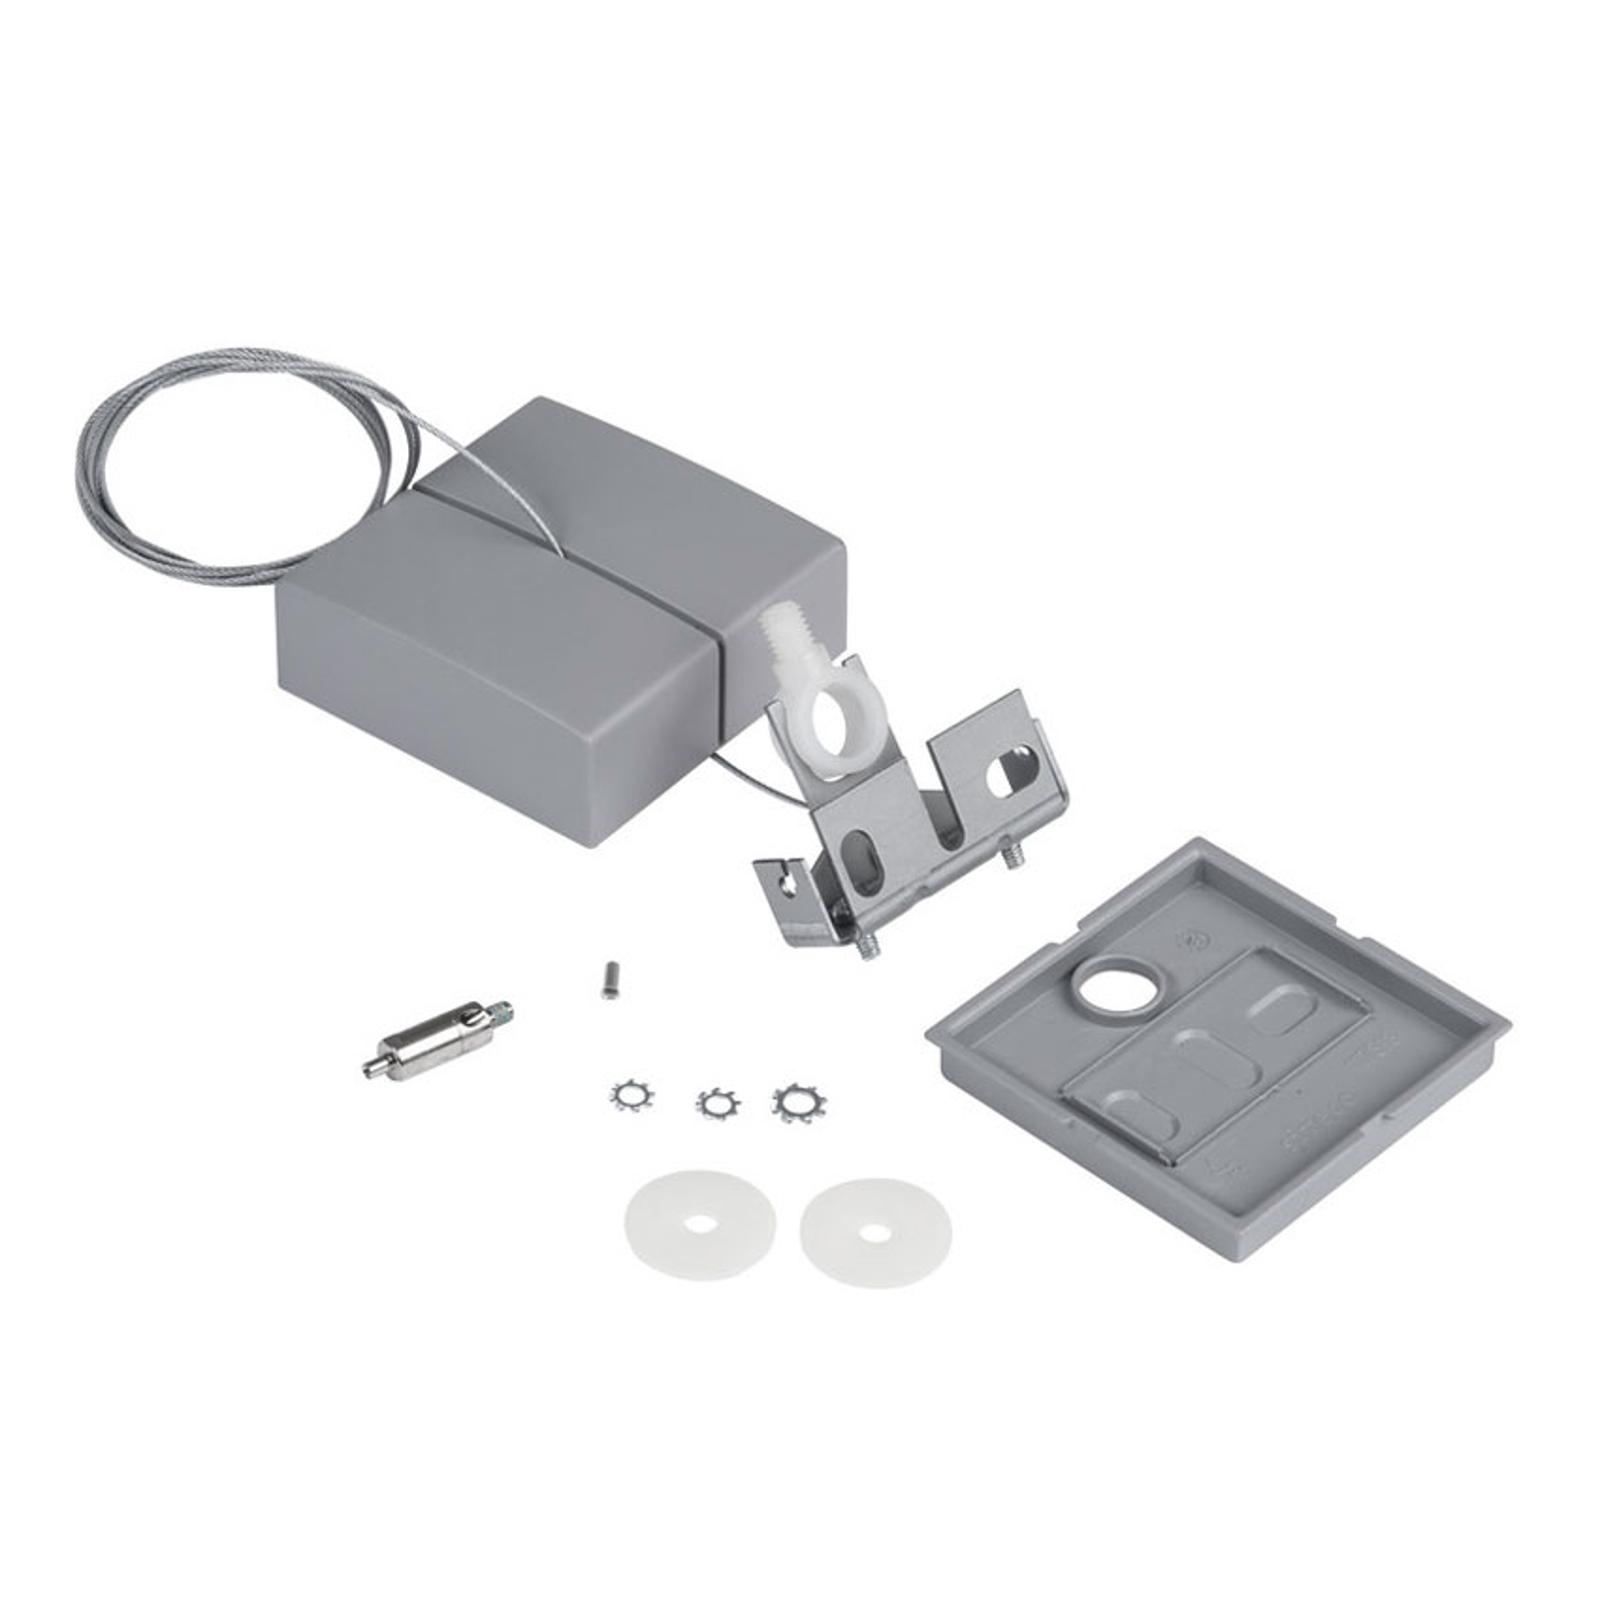 Siteco Vega 1taus-opphengssystem baldakin grå kant